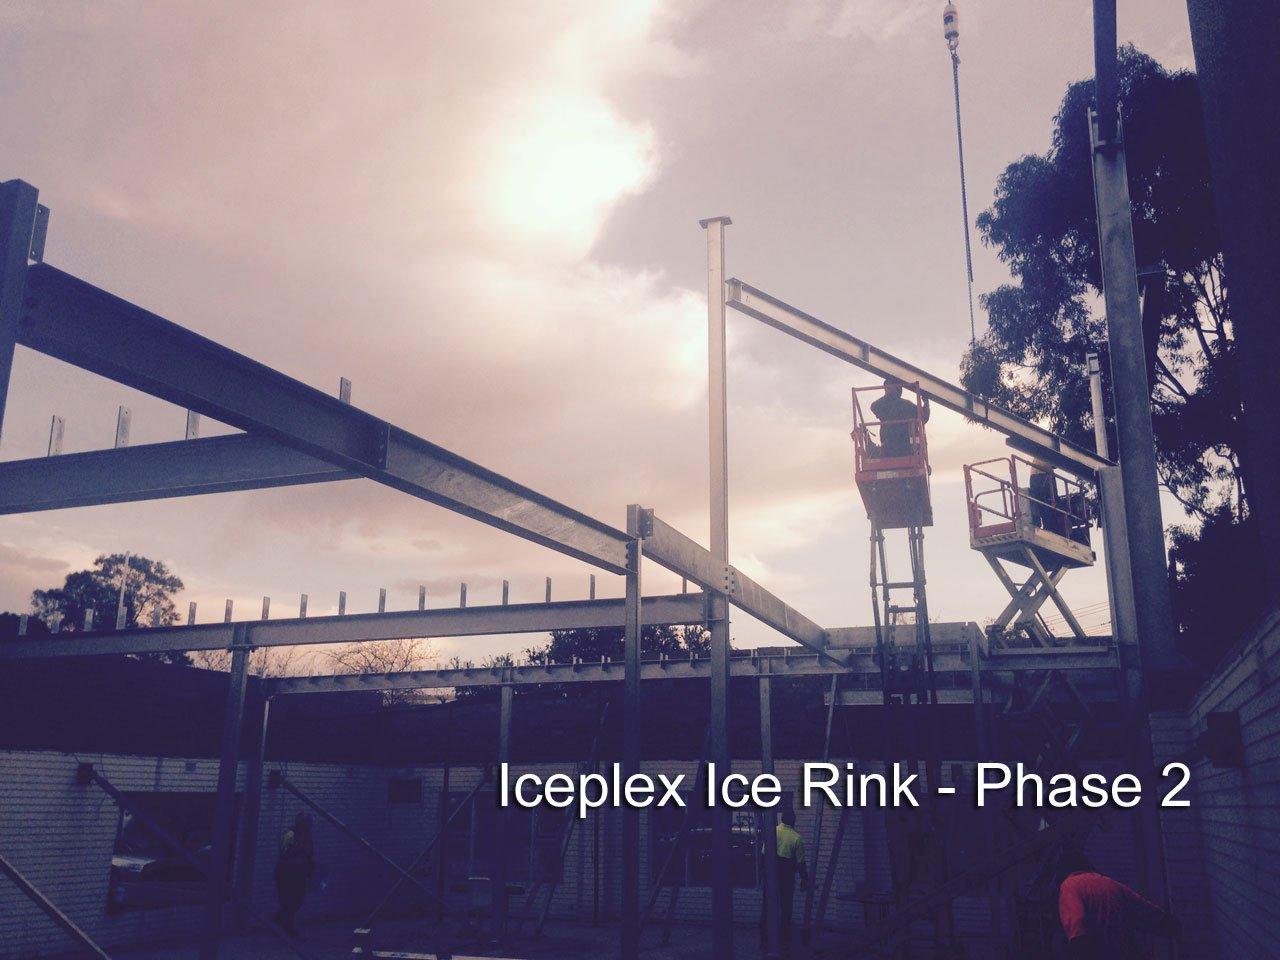 Iceplex-Phase-2-a